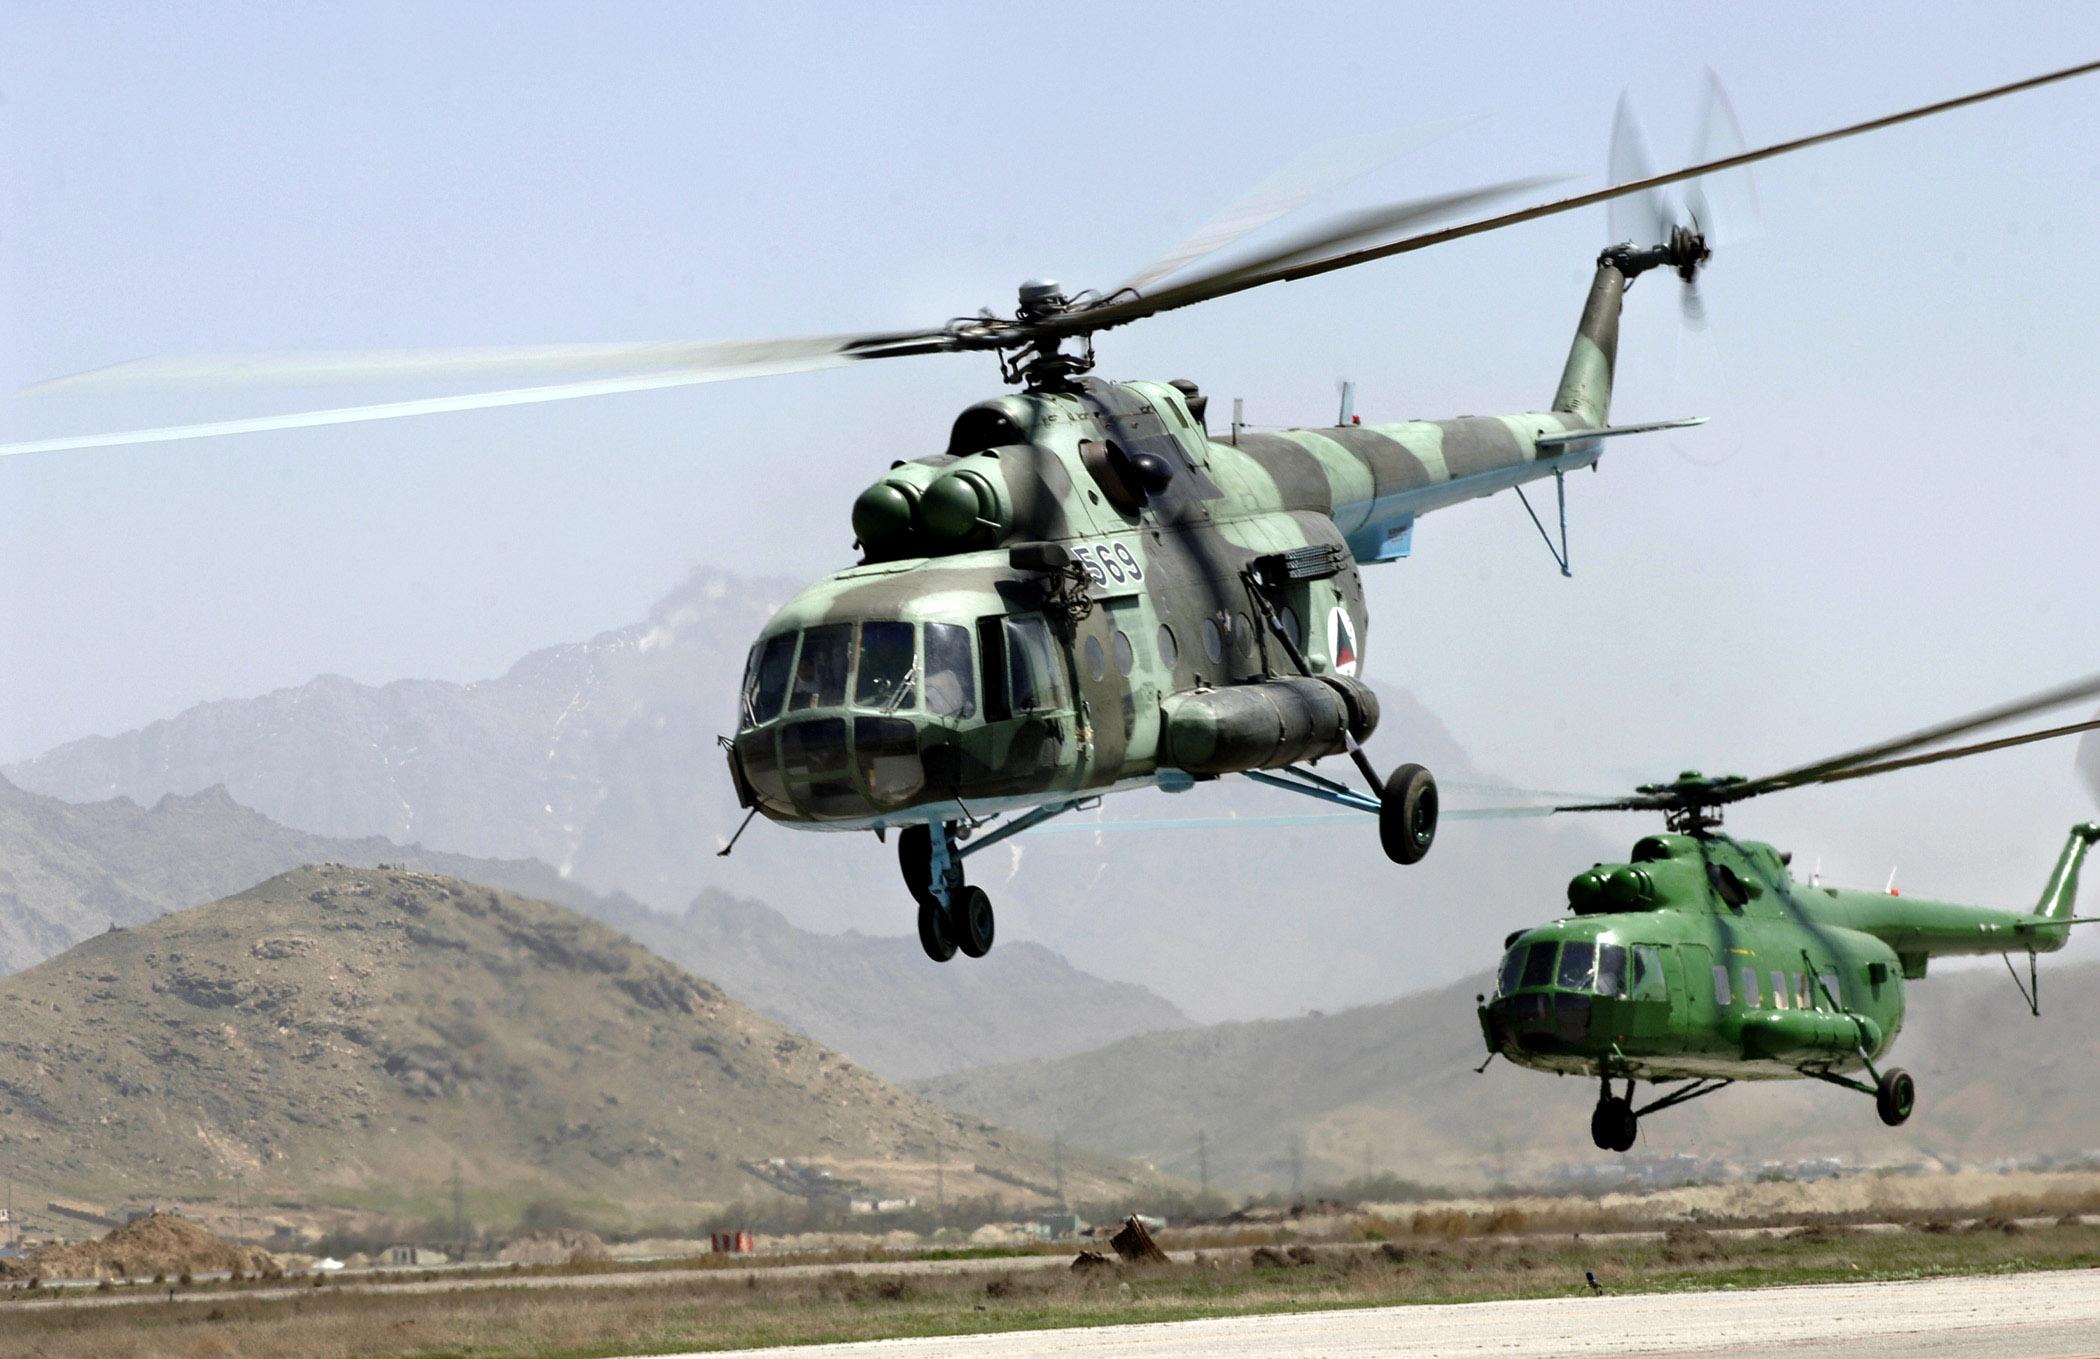 юбке картинка афганский вертолет экскурсии которе